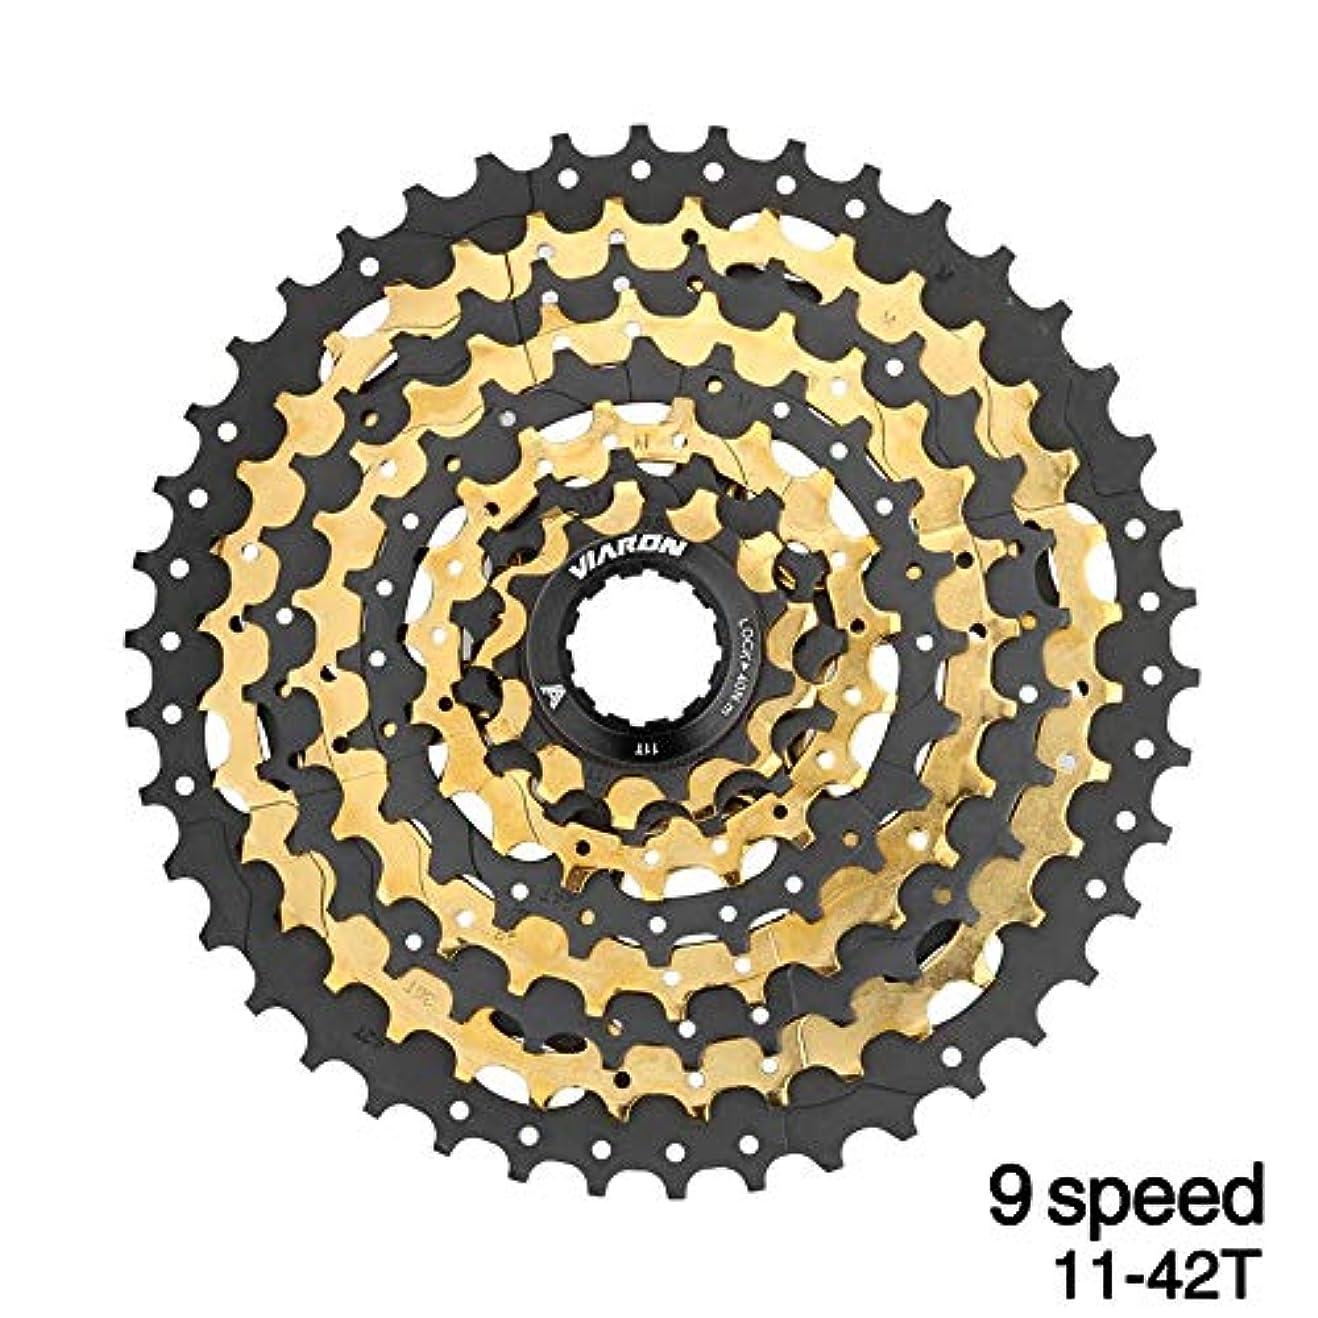 からかう混乱したイディオムスプロケット 自転車アクセサリー自転車フライホイール9スピードTalun 42Tマウンテンバイクスピードカードタイプフライホイール (色 : ゴールド, サイズ : 11-42T)